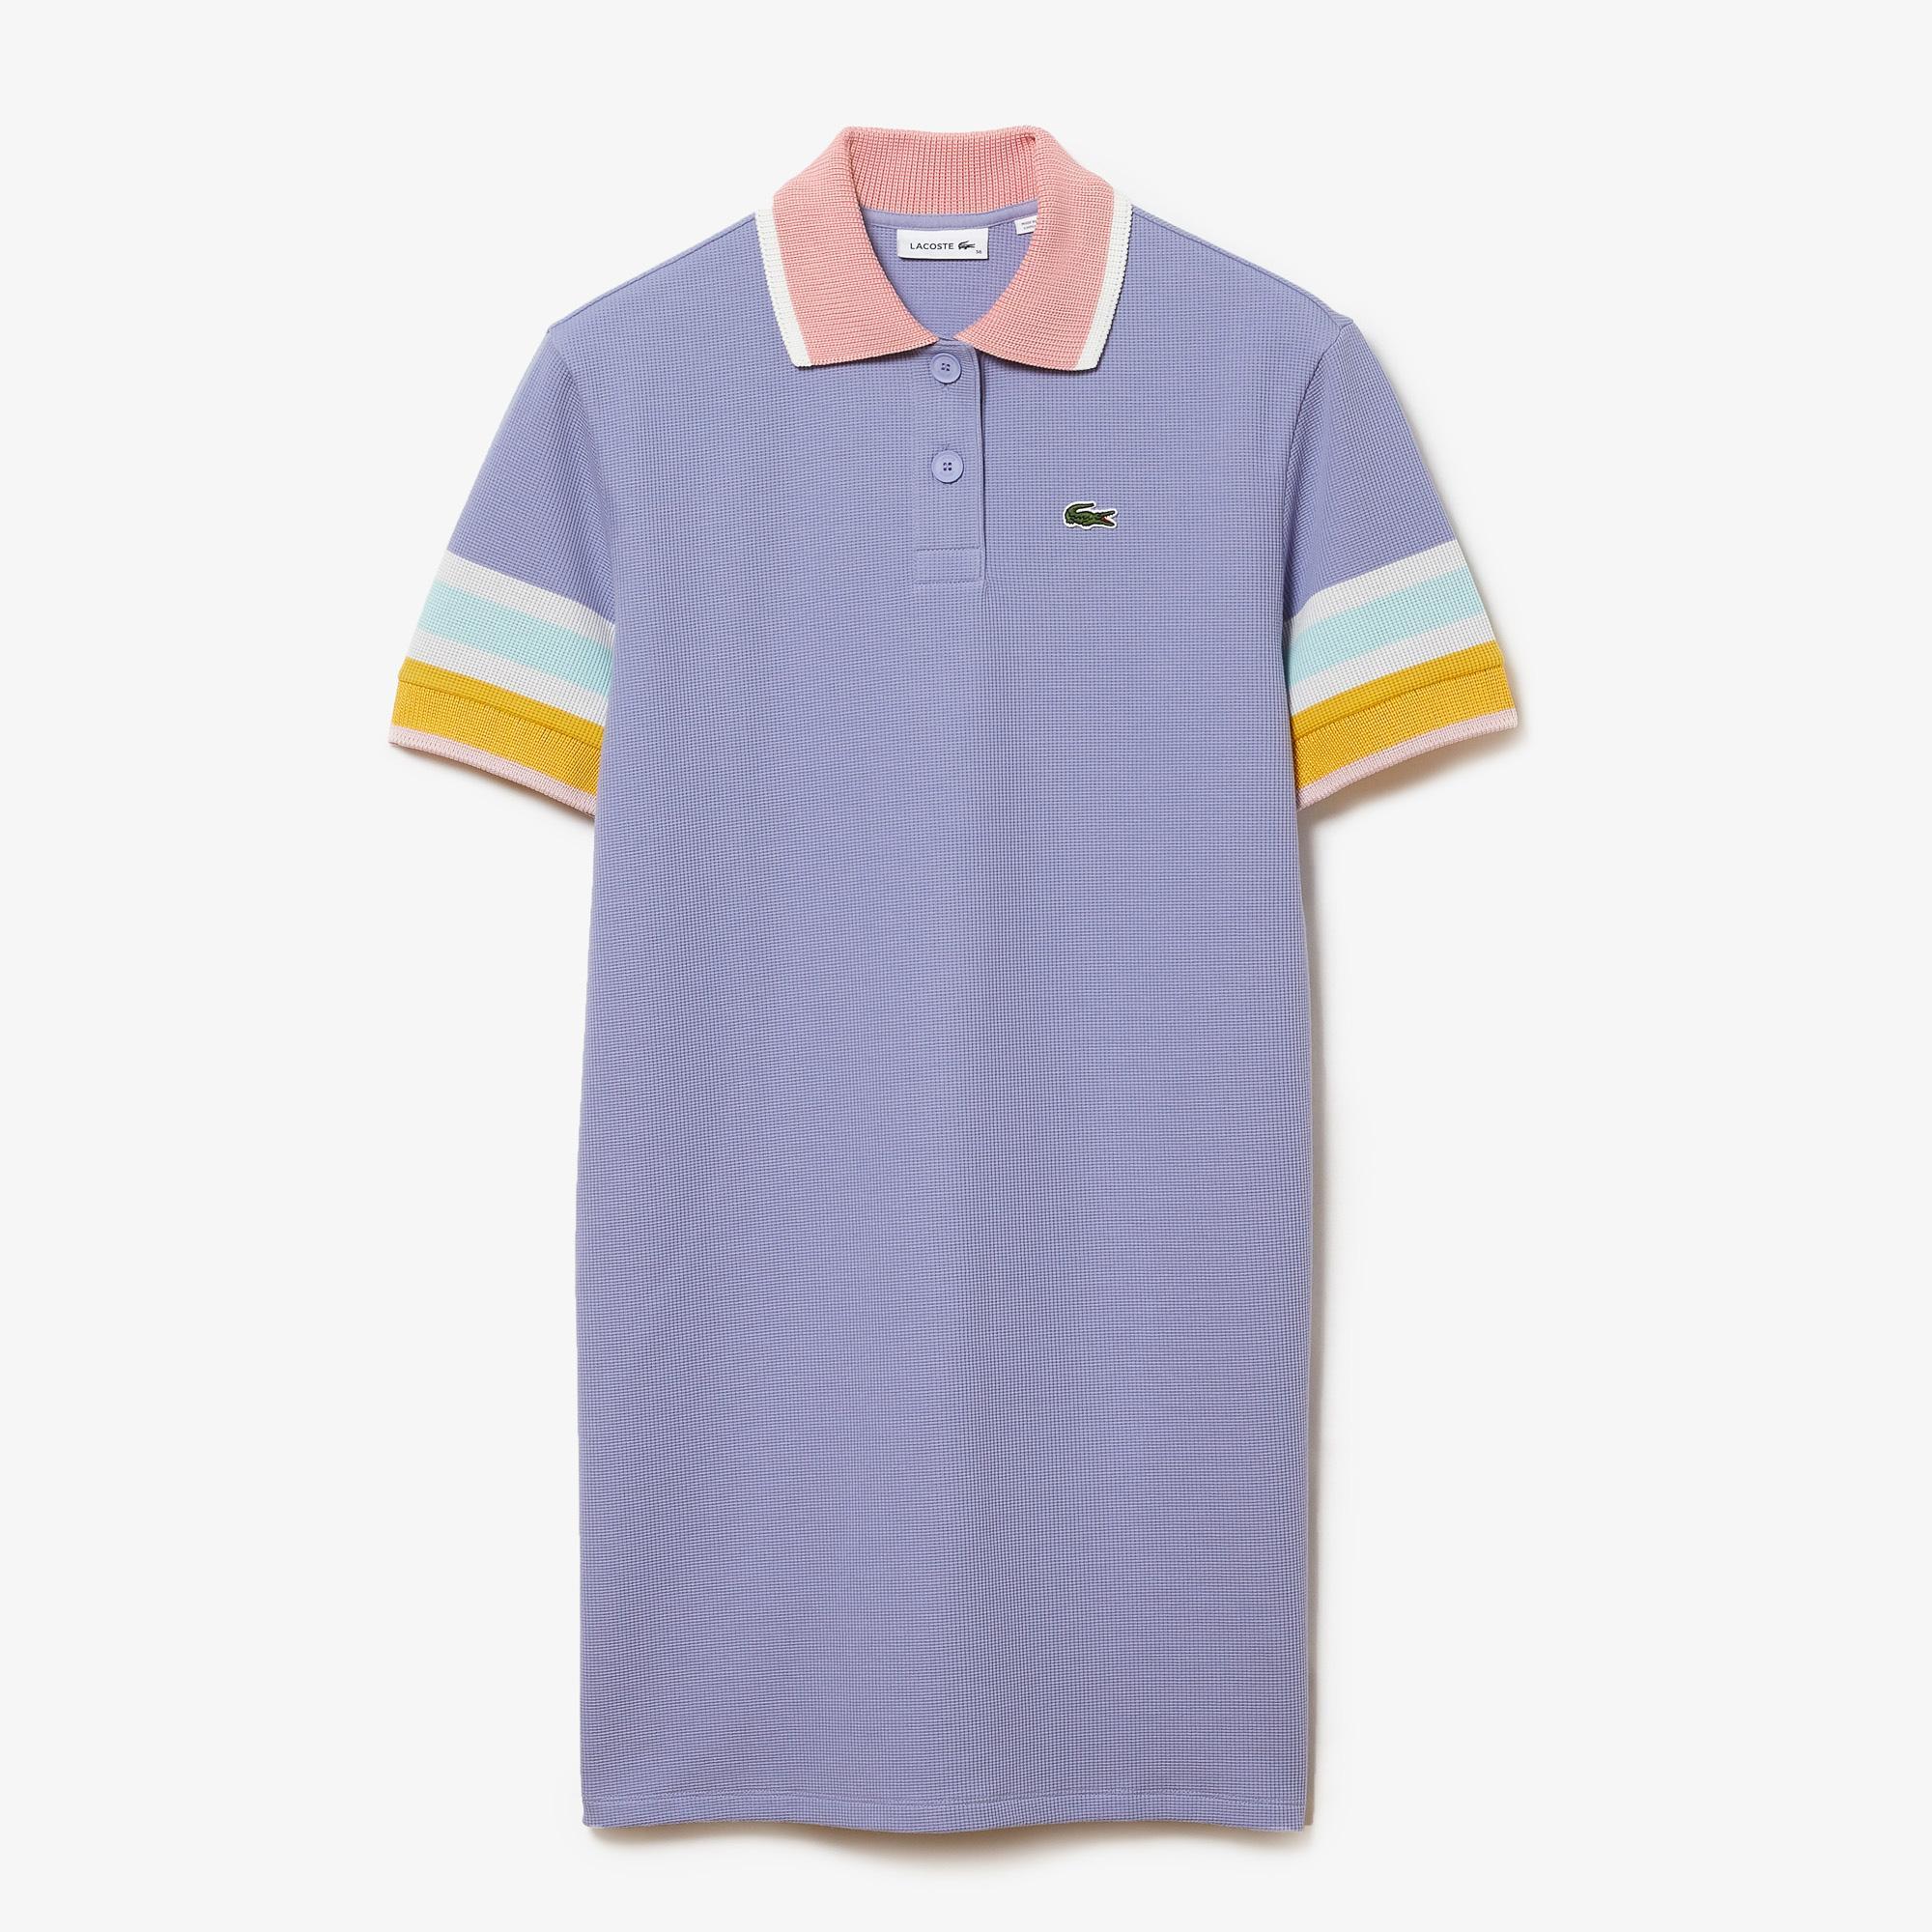 Lacoste Kadın Kısa Kollu Polo Yaka Mavi Elbise